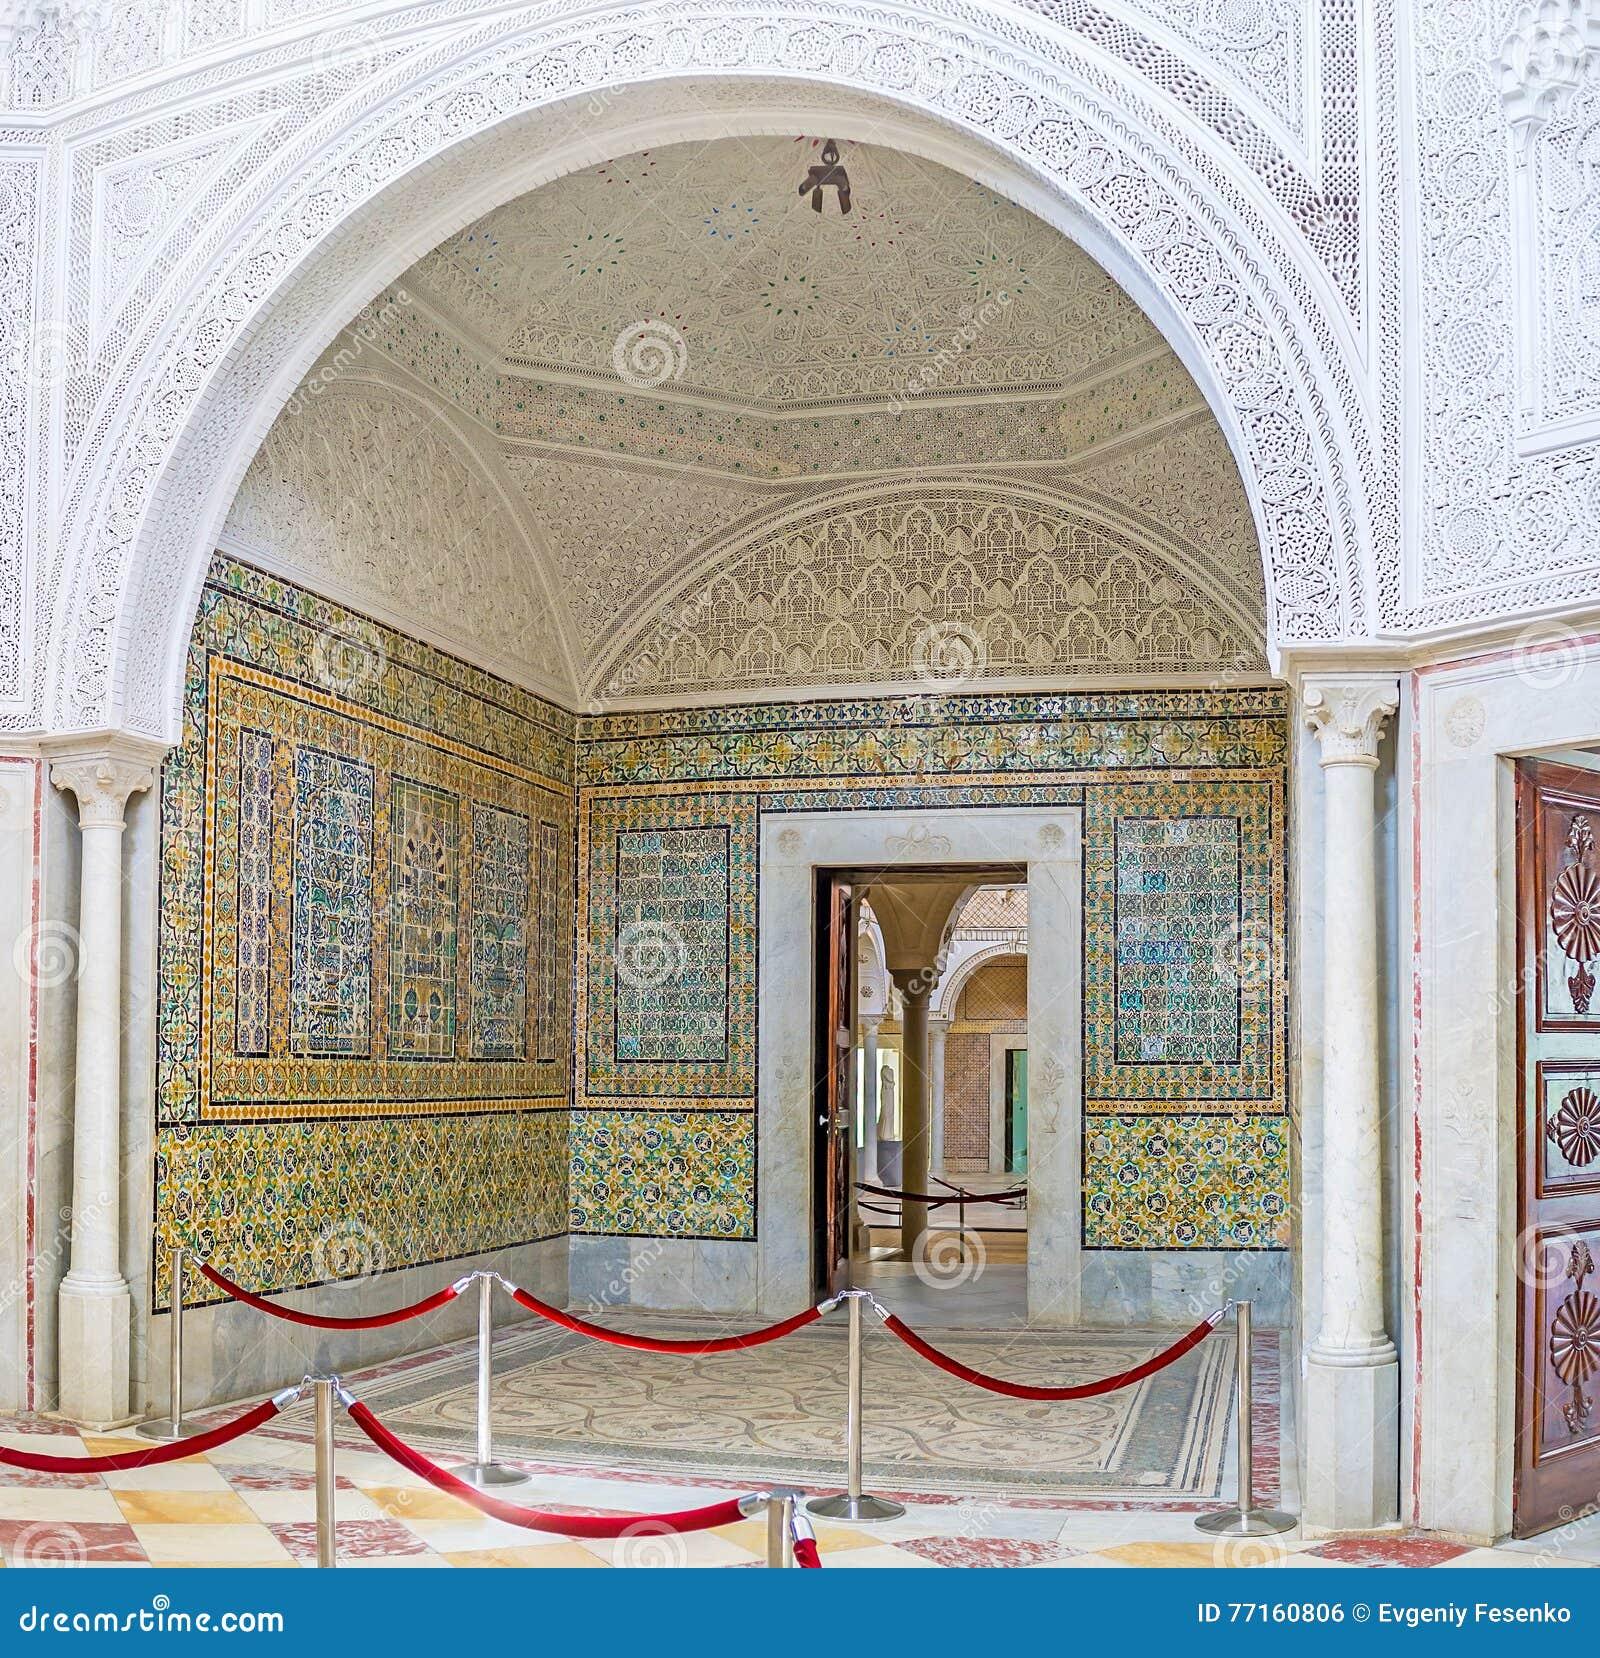 Les décors riches du palais de Hafsid